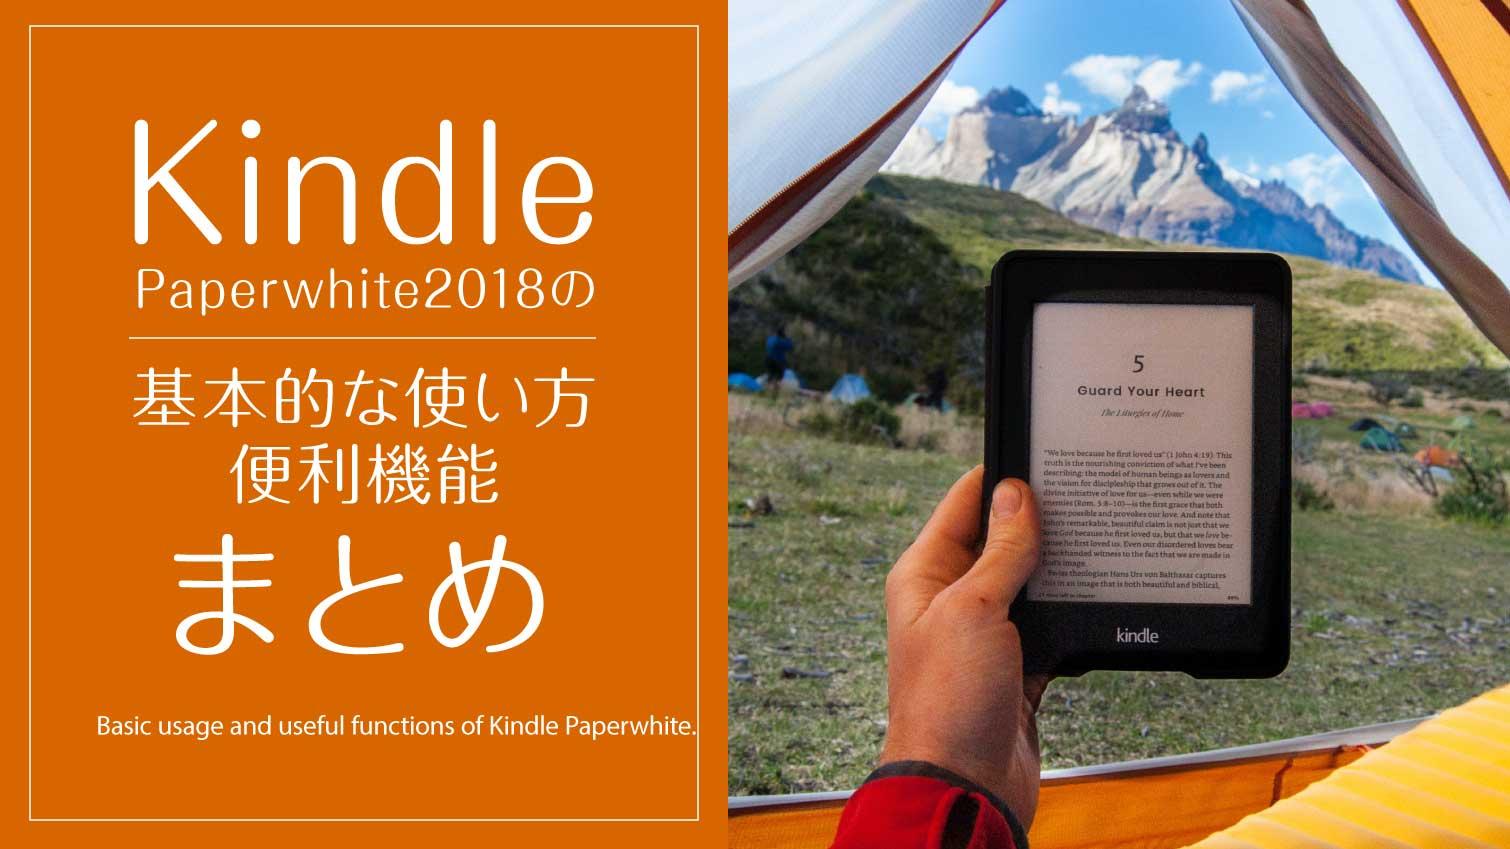 ペーパー ホワイト 使い方 キンドル Kindle Paperwhite